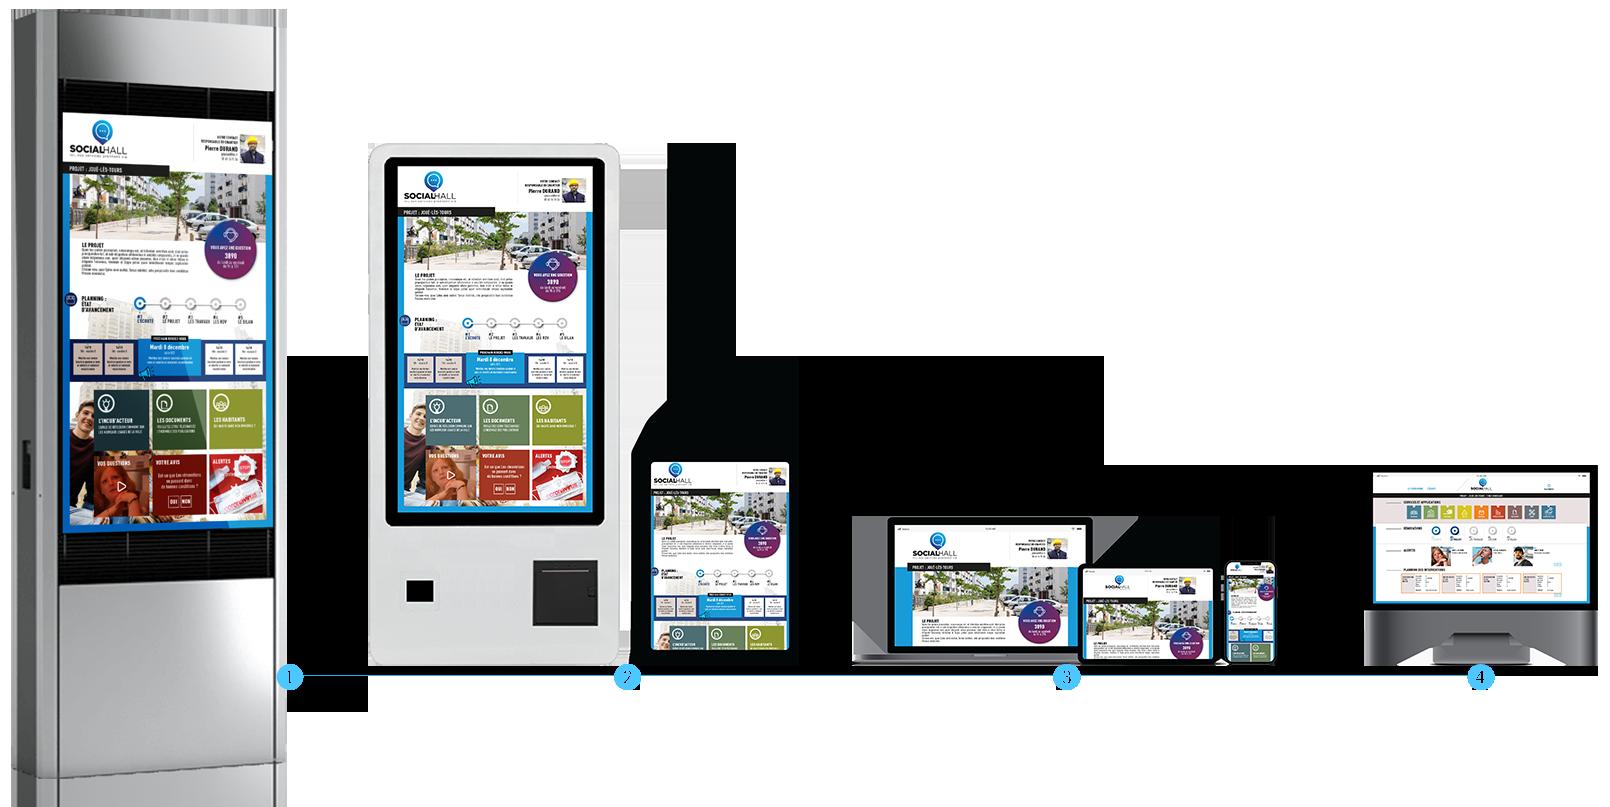 Le même dispositif est consultable depuis une borne interactive tactile dans votre hall d'immeuble, dans votre agence commerciale, sur une tablette, sur un smartphone, un ordinateur et latv. Avec un interface d'administration dédiée